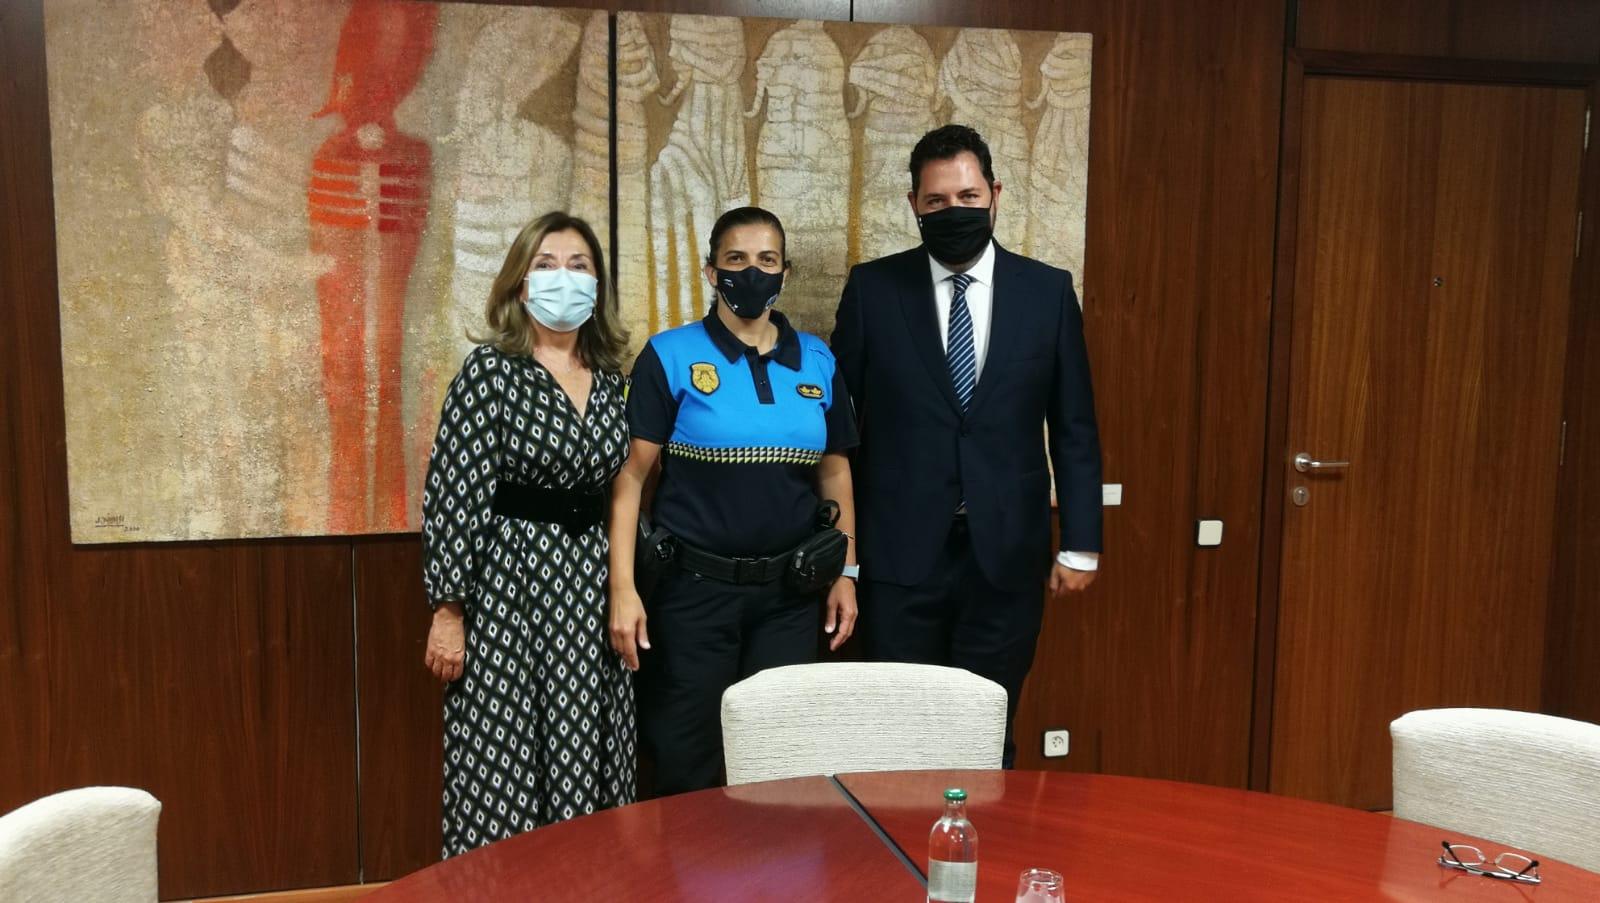 Carmen Delia Martín toma posesión como jefa de la Policía Local de Las Palmas de Gran Canaria